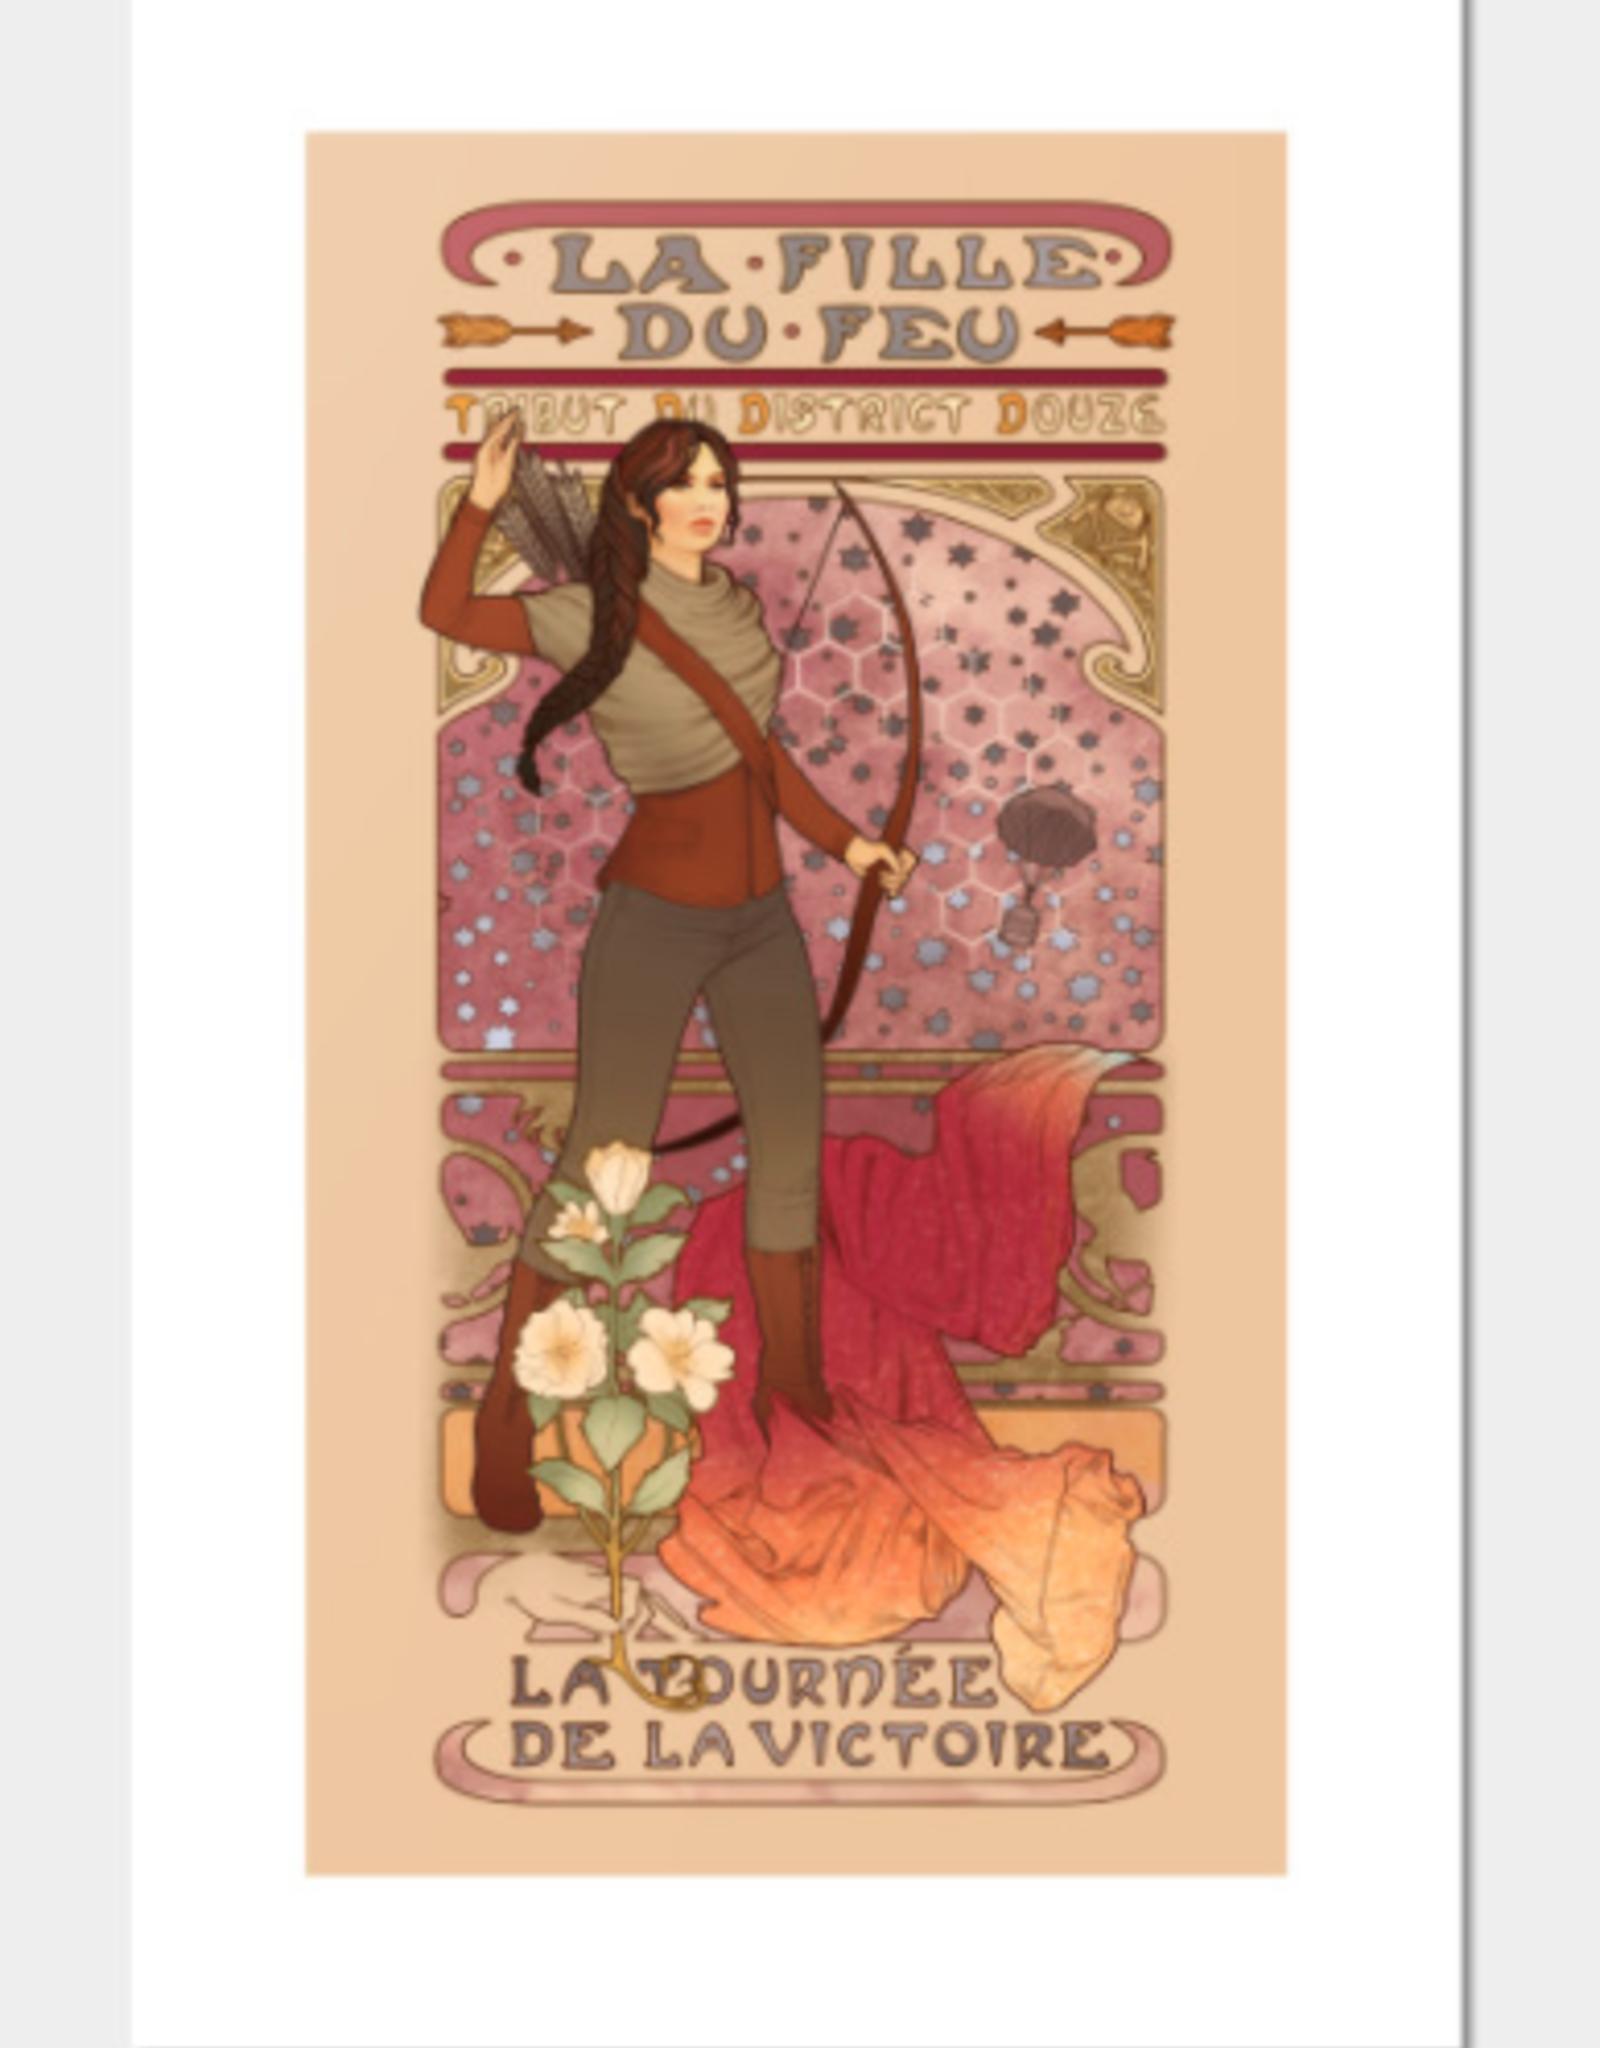 La Fille Du Feu (Hunger Games) Signed Art Print - Megan Lara